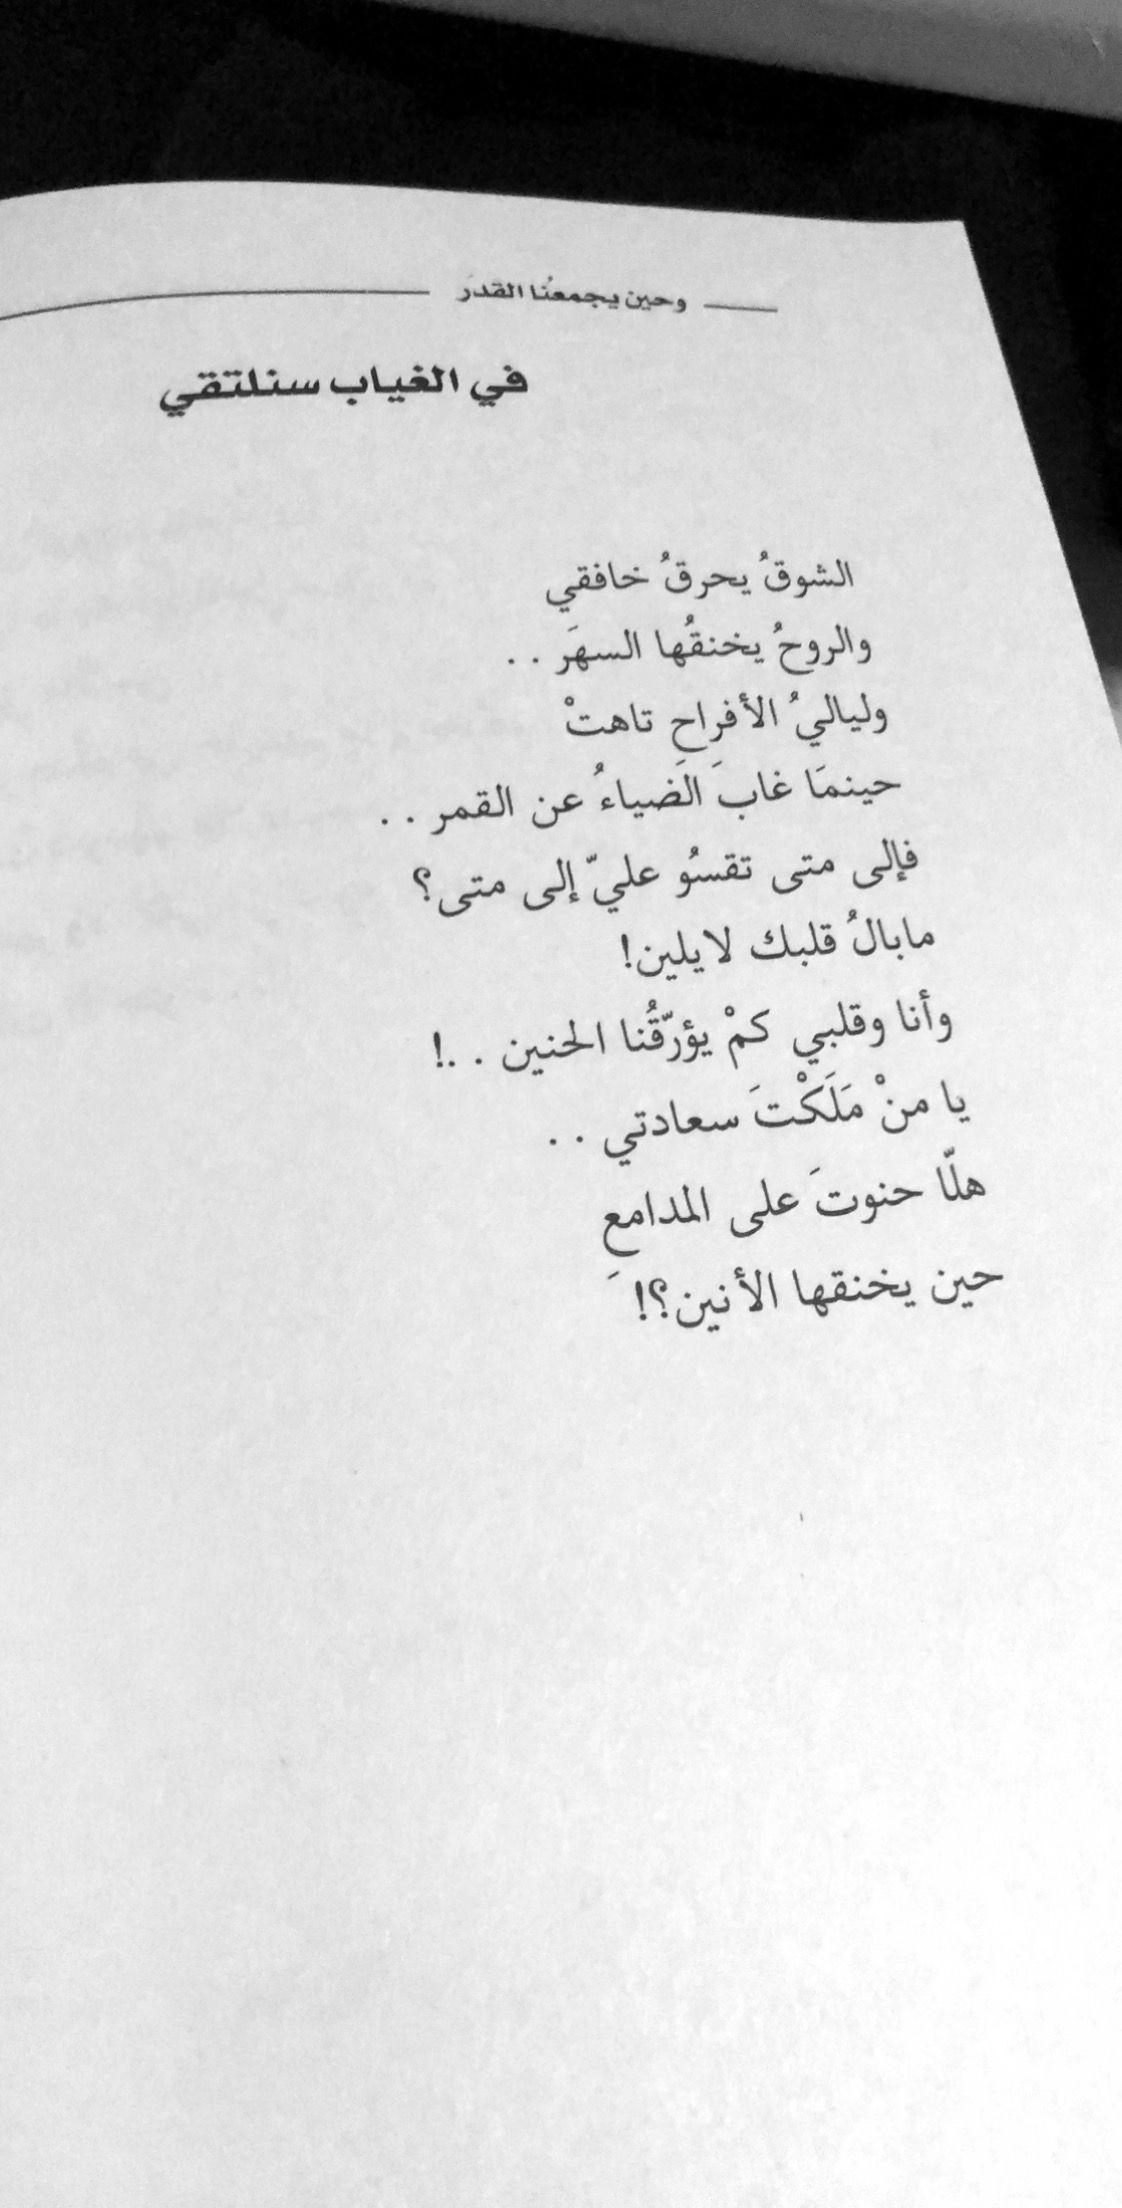 في الغياب سنلتقي Beautiful Arabic Words Arabic Words Words